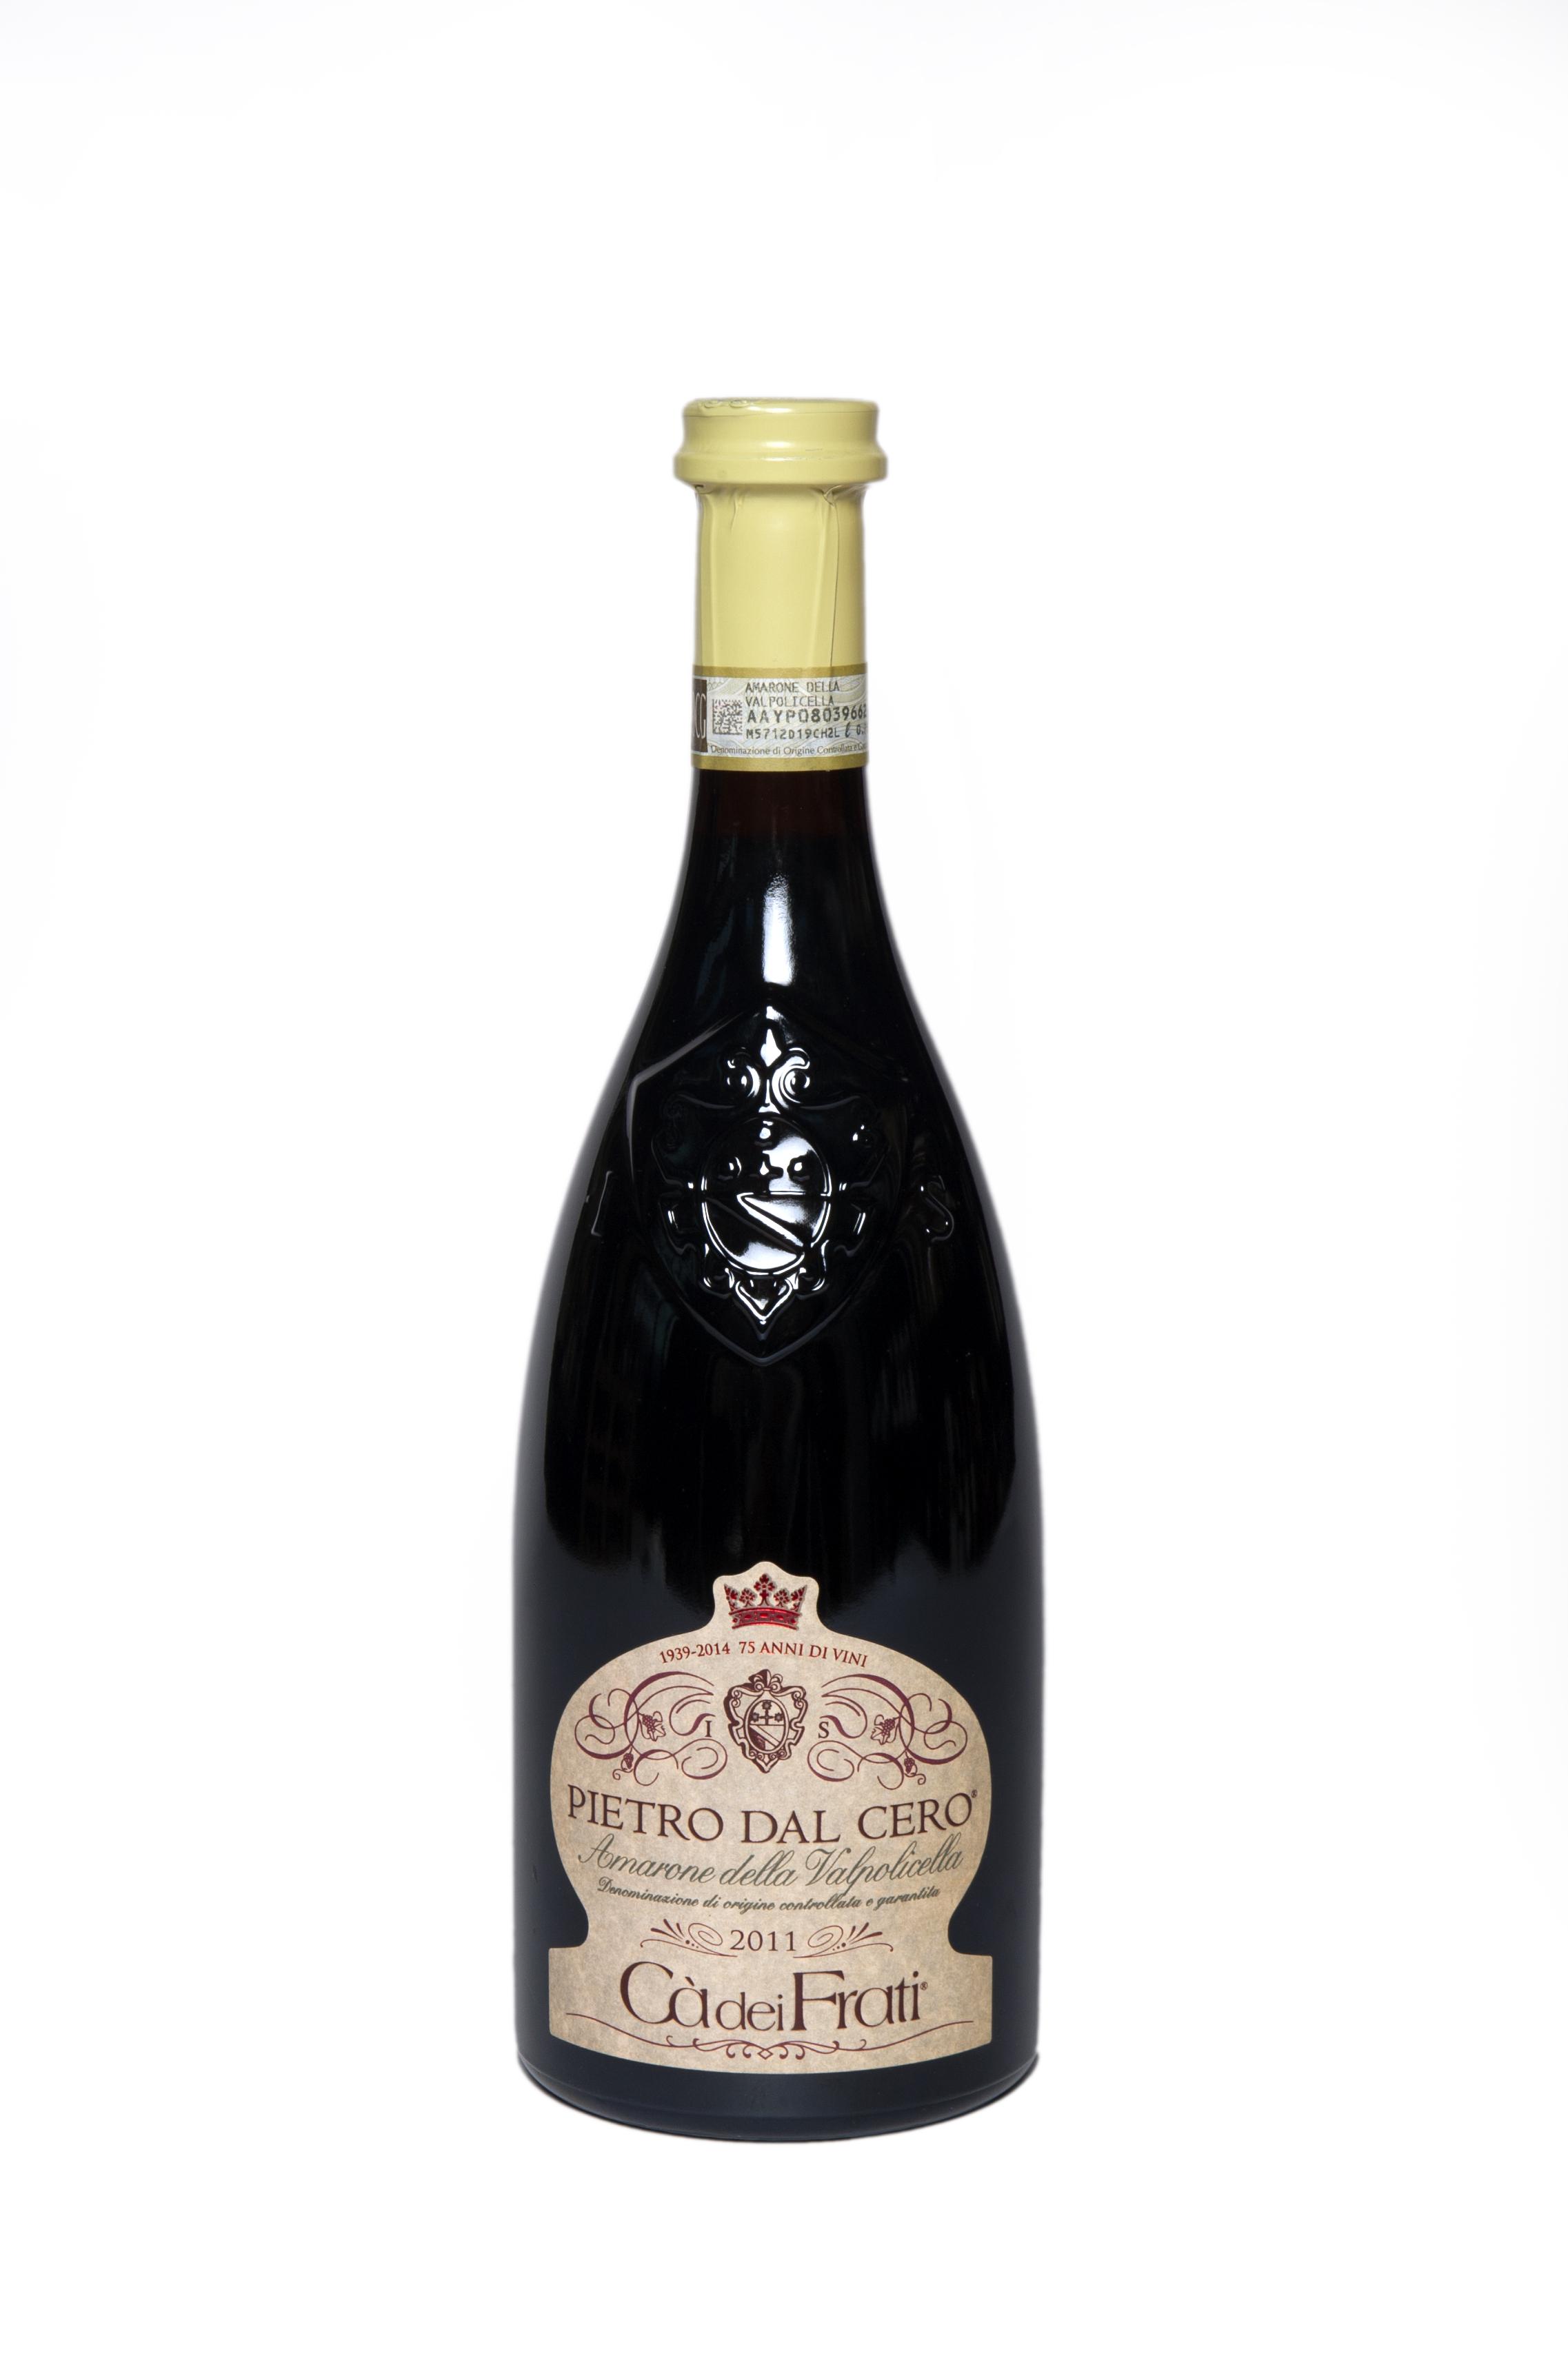 Amarone della Valpolicella 2011 Pietro dal Cero- Ca' Dei Frati 0,75 lt